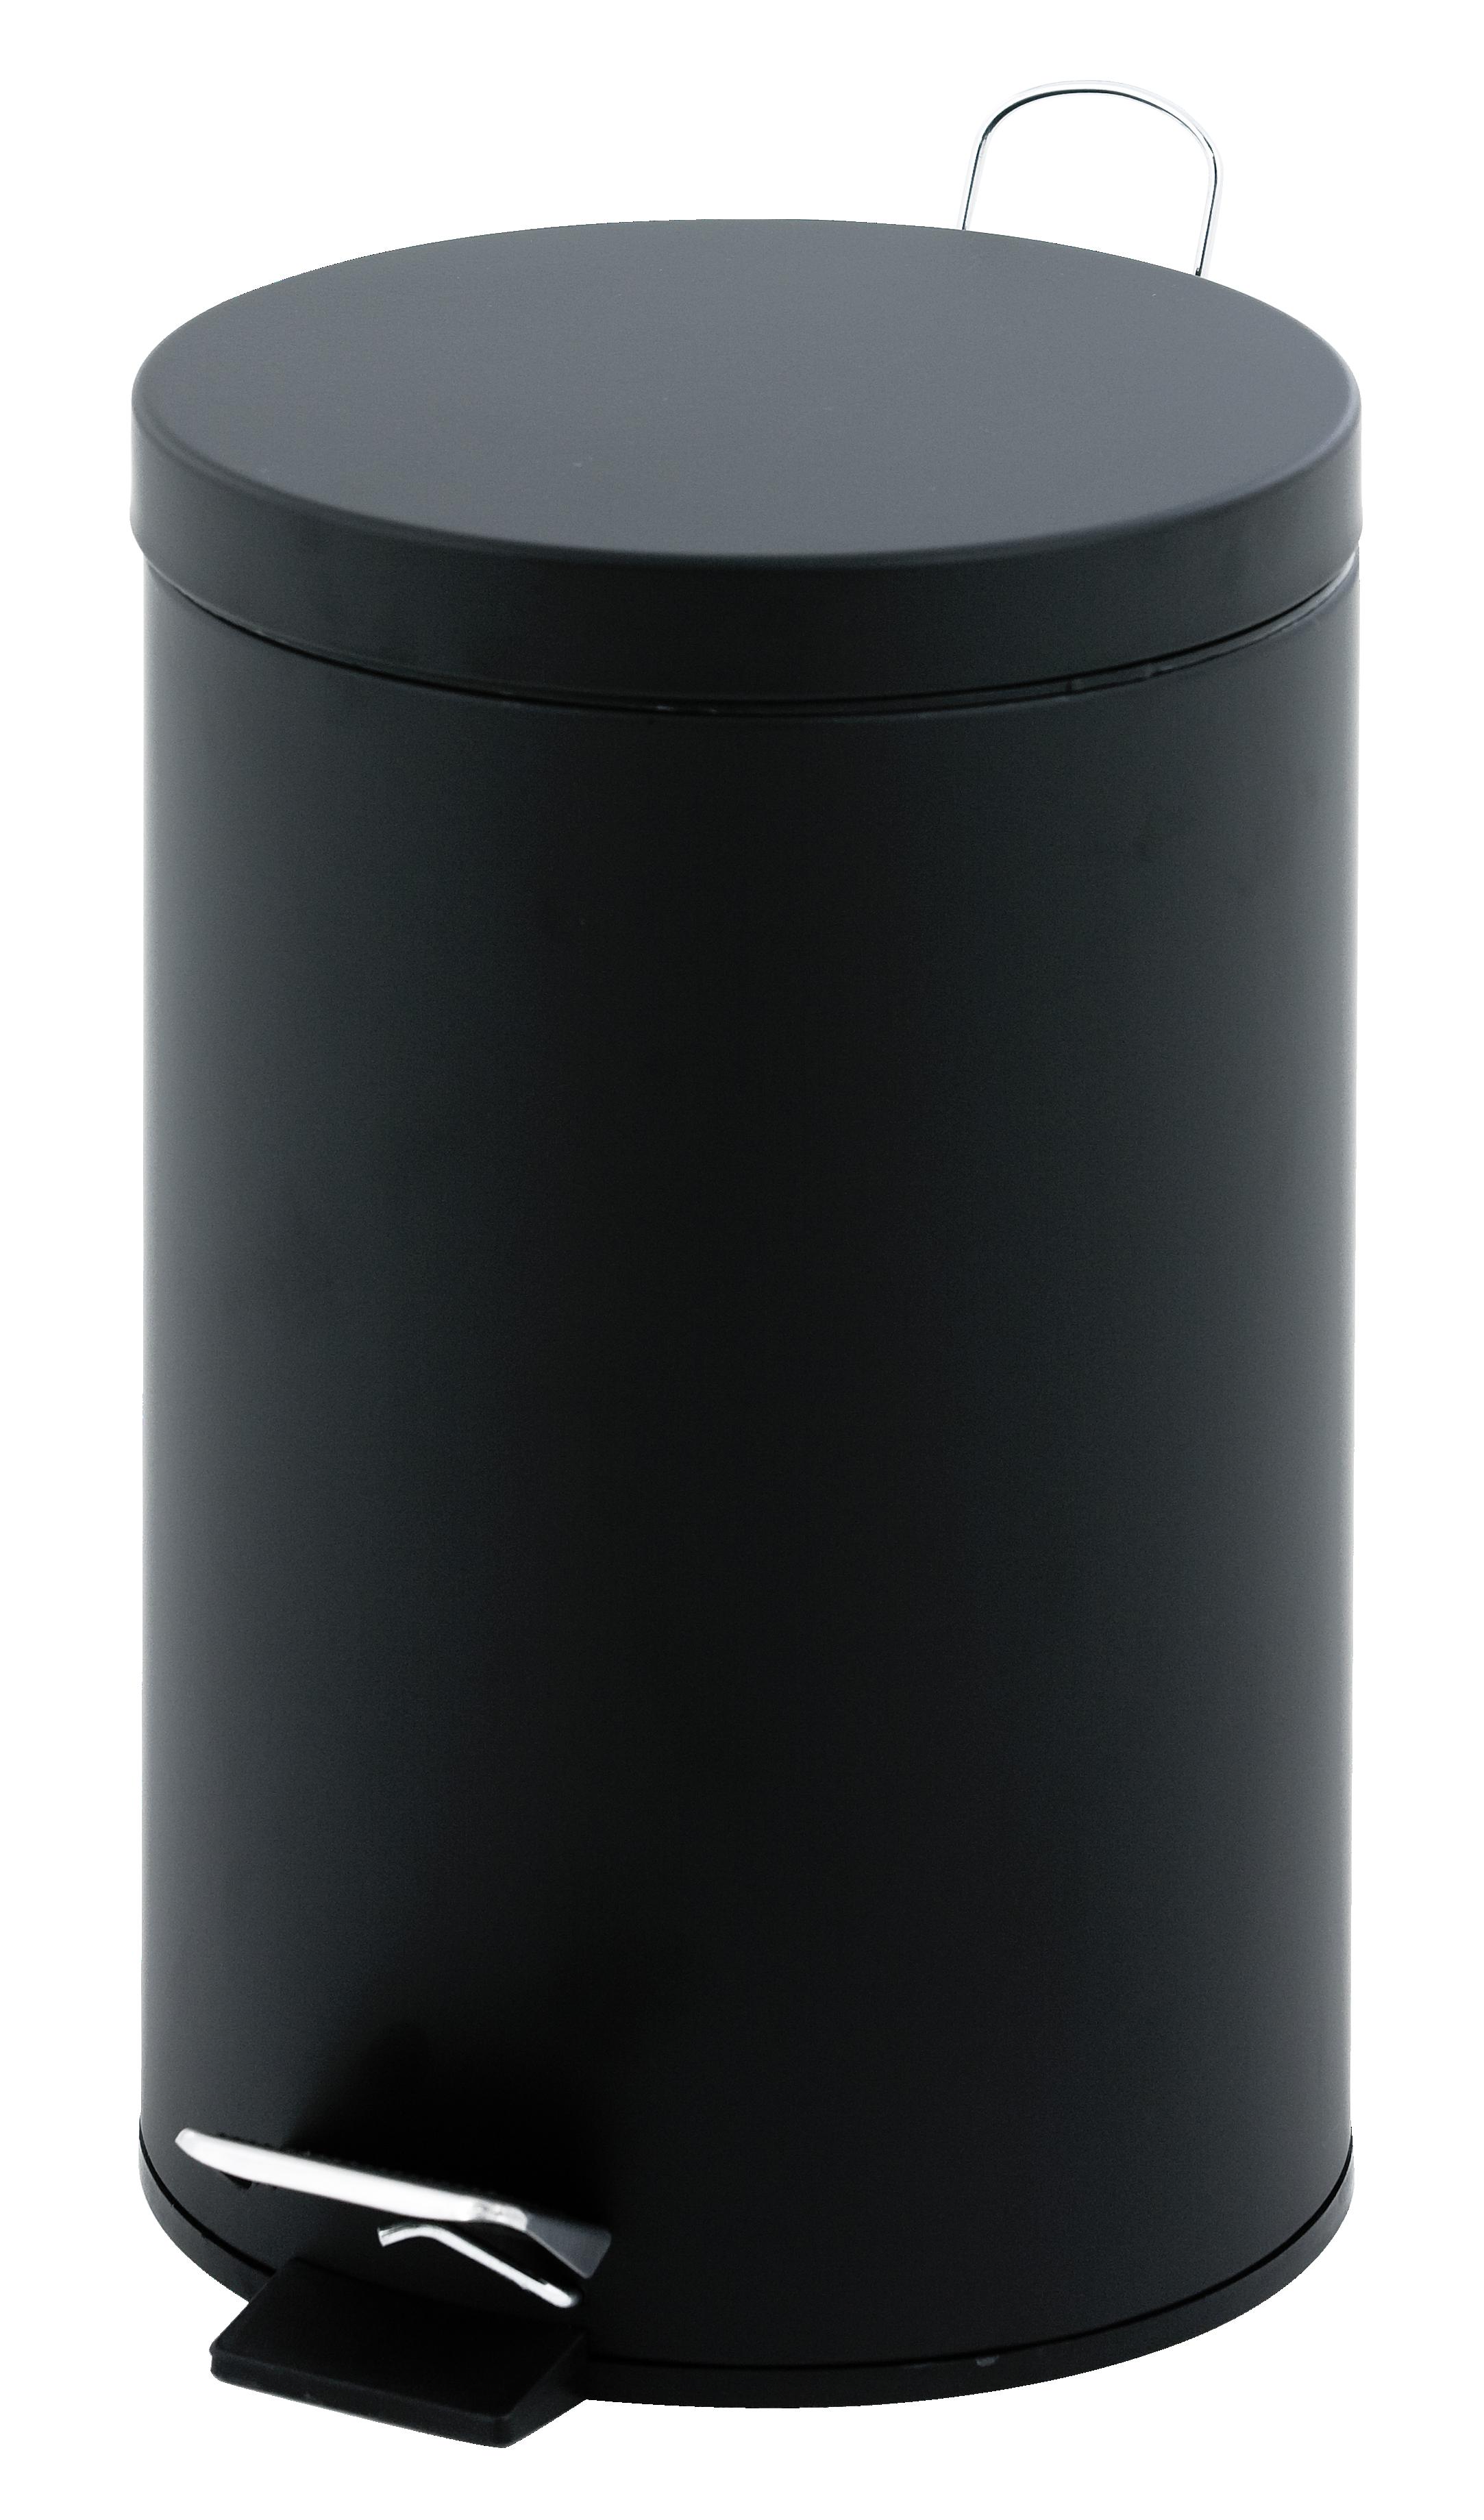 Kosmetikeimer Metall, 3 Liter, schwarz, 26 x 17 cm